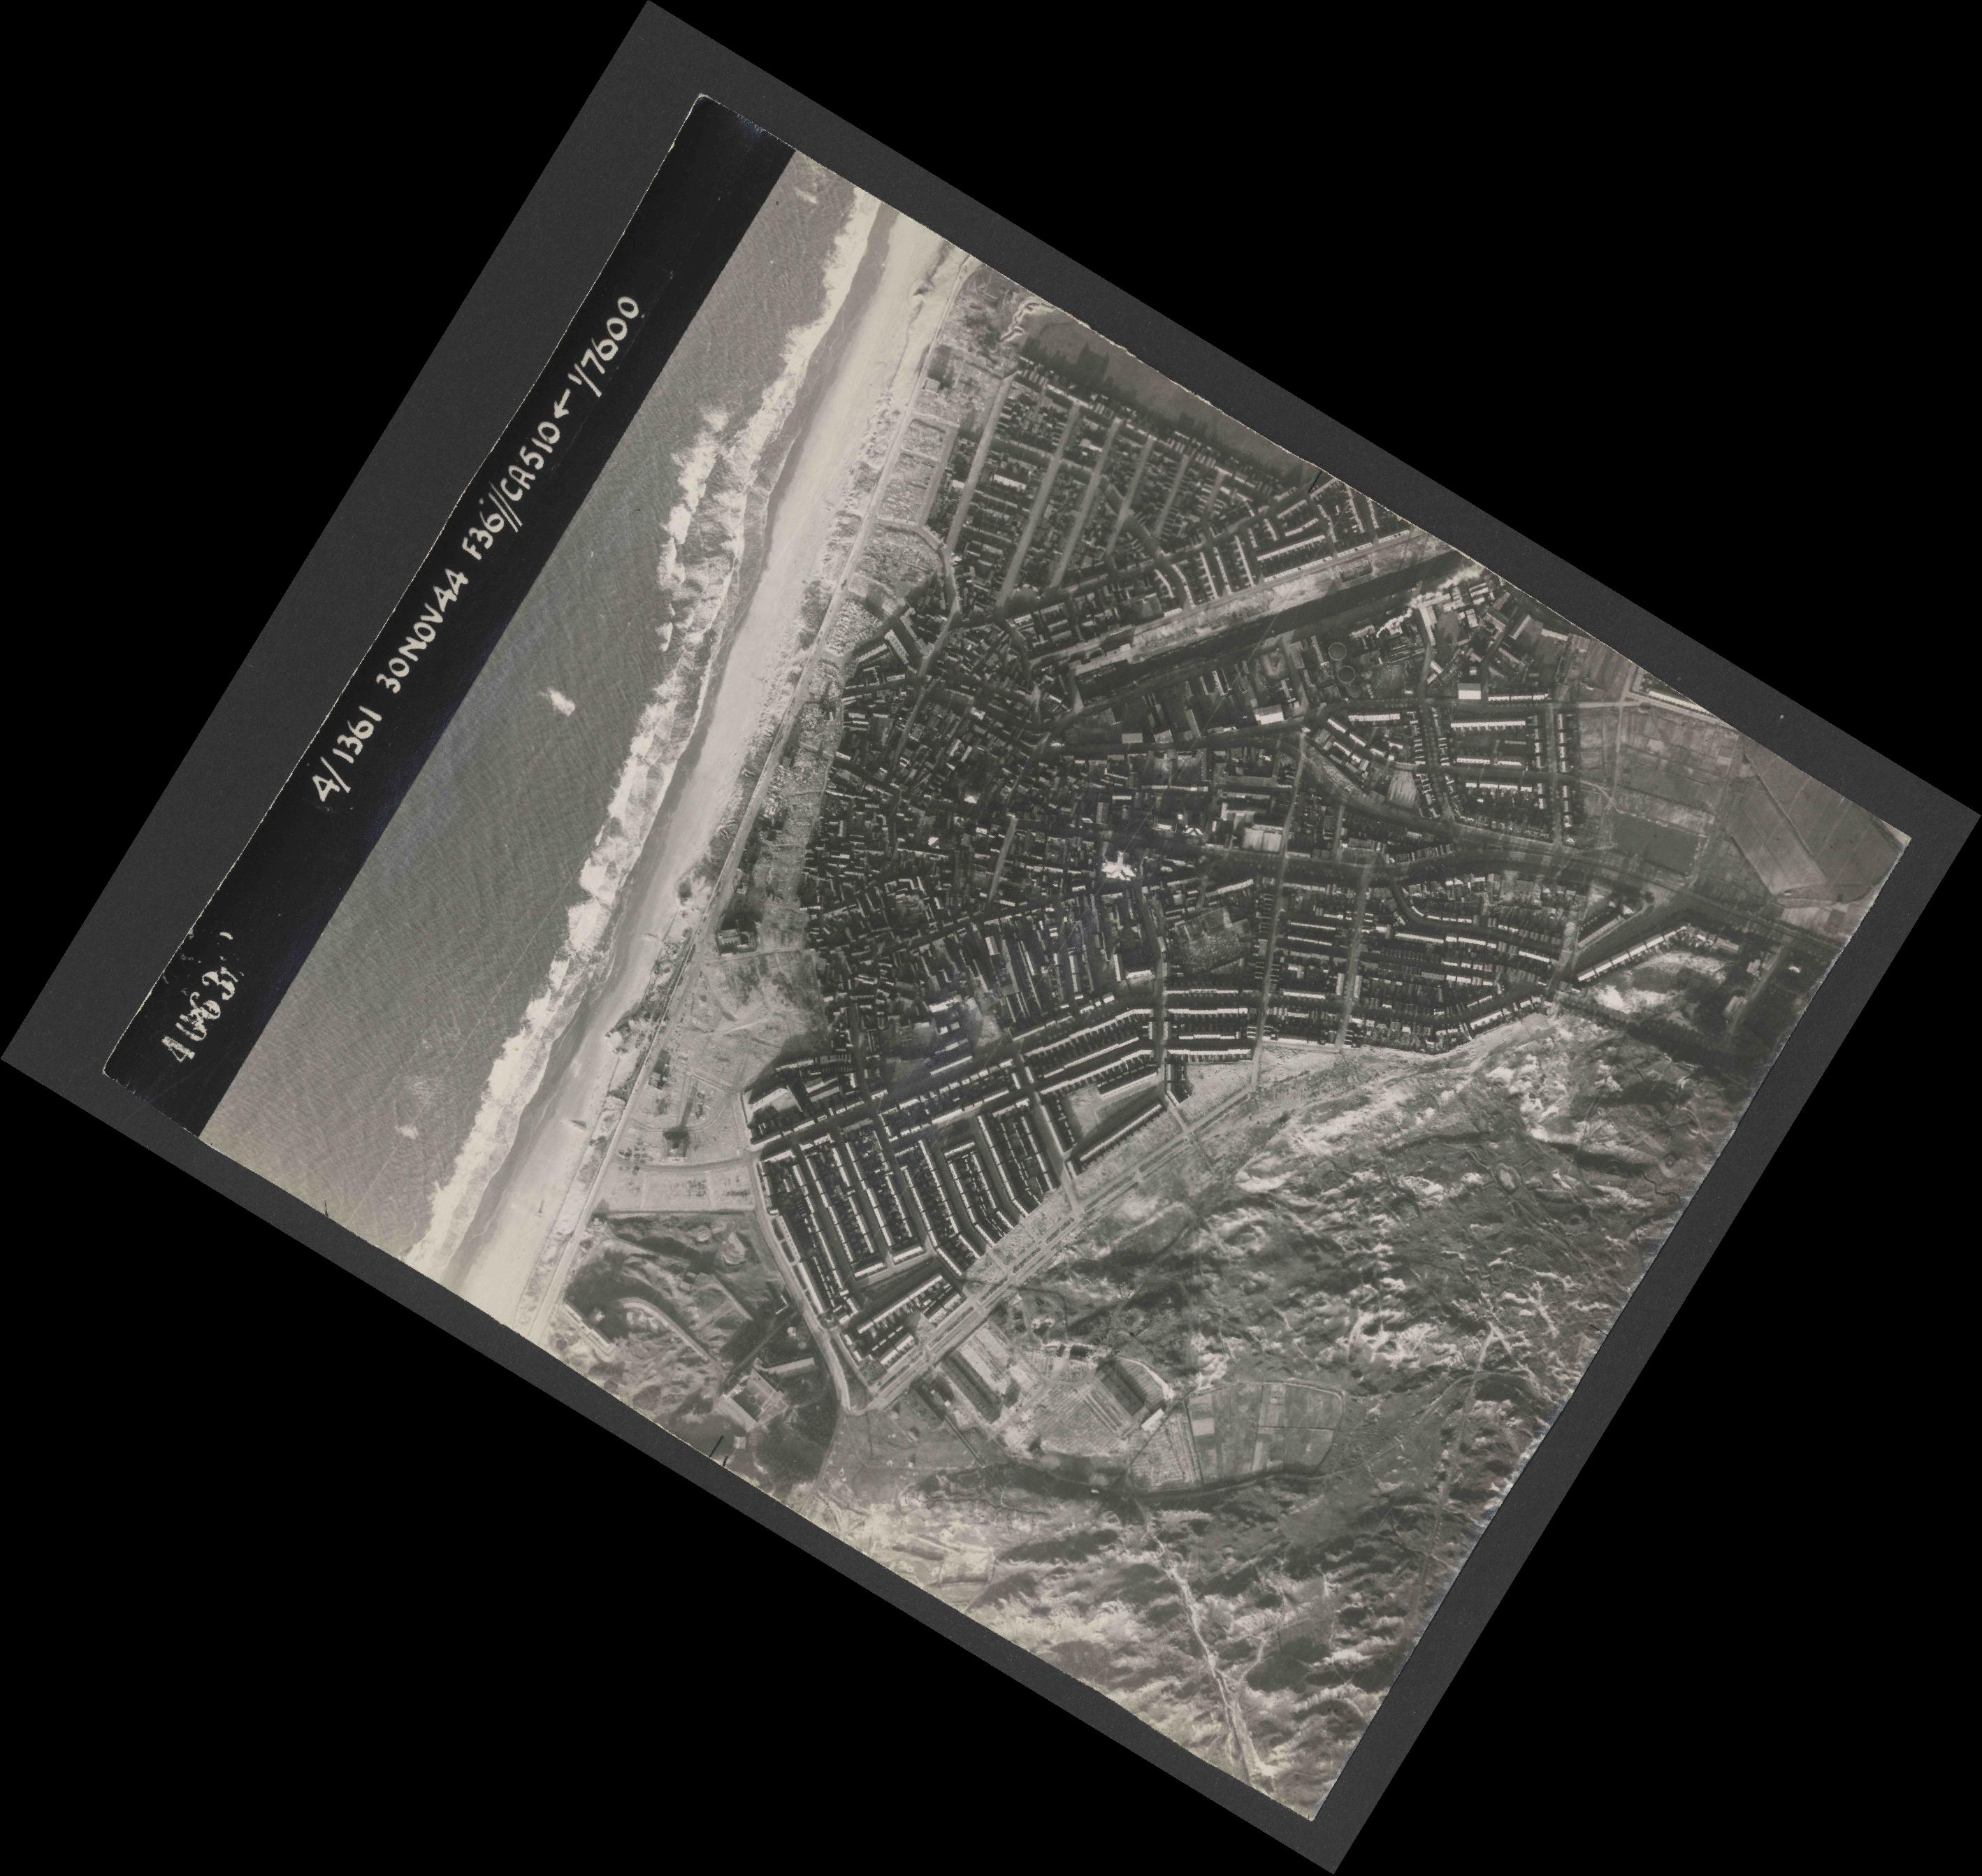 Collection RAF aerial photos 1940-1945 - flight 151, run 01, photo 4063